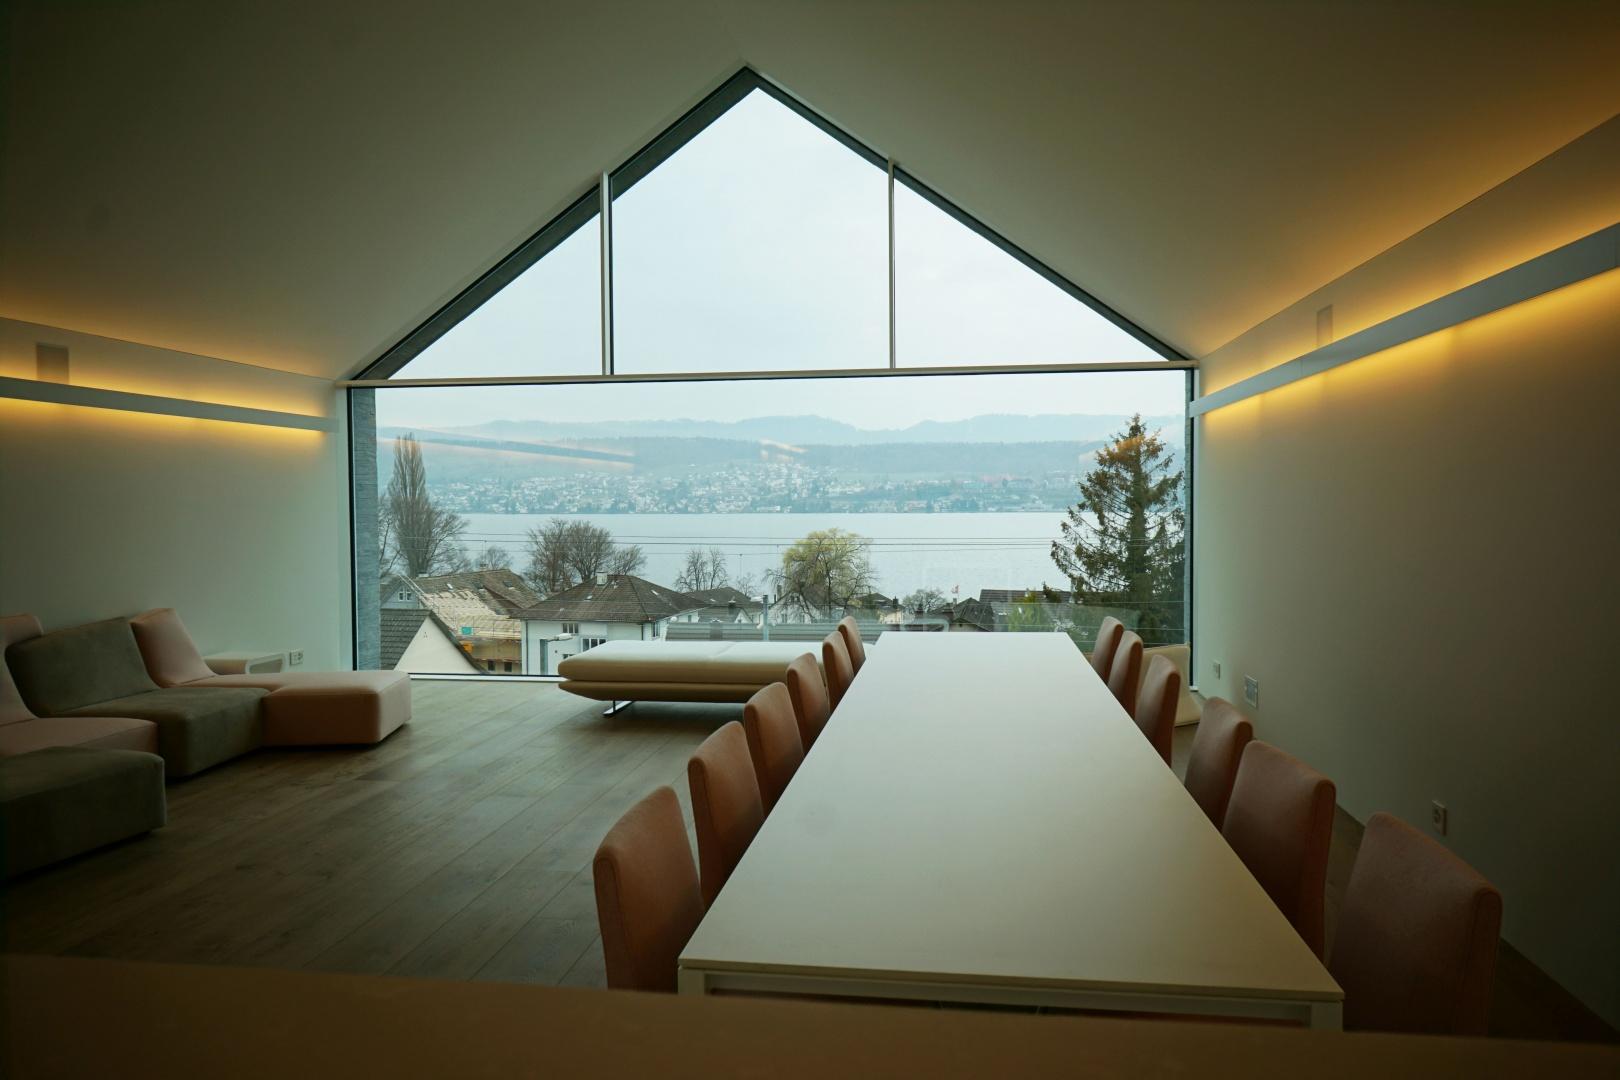 Wohnzimmer3 © Nori-SASAKI  Hagenholzstrasse 104a 8050 Zürich